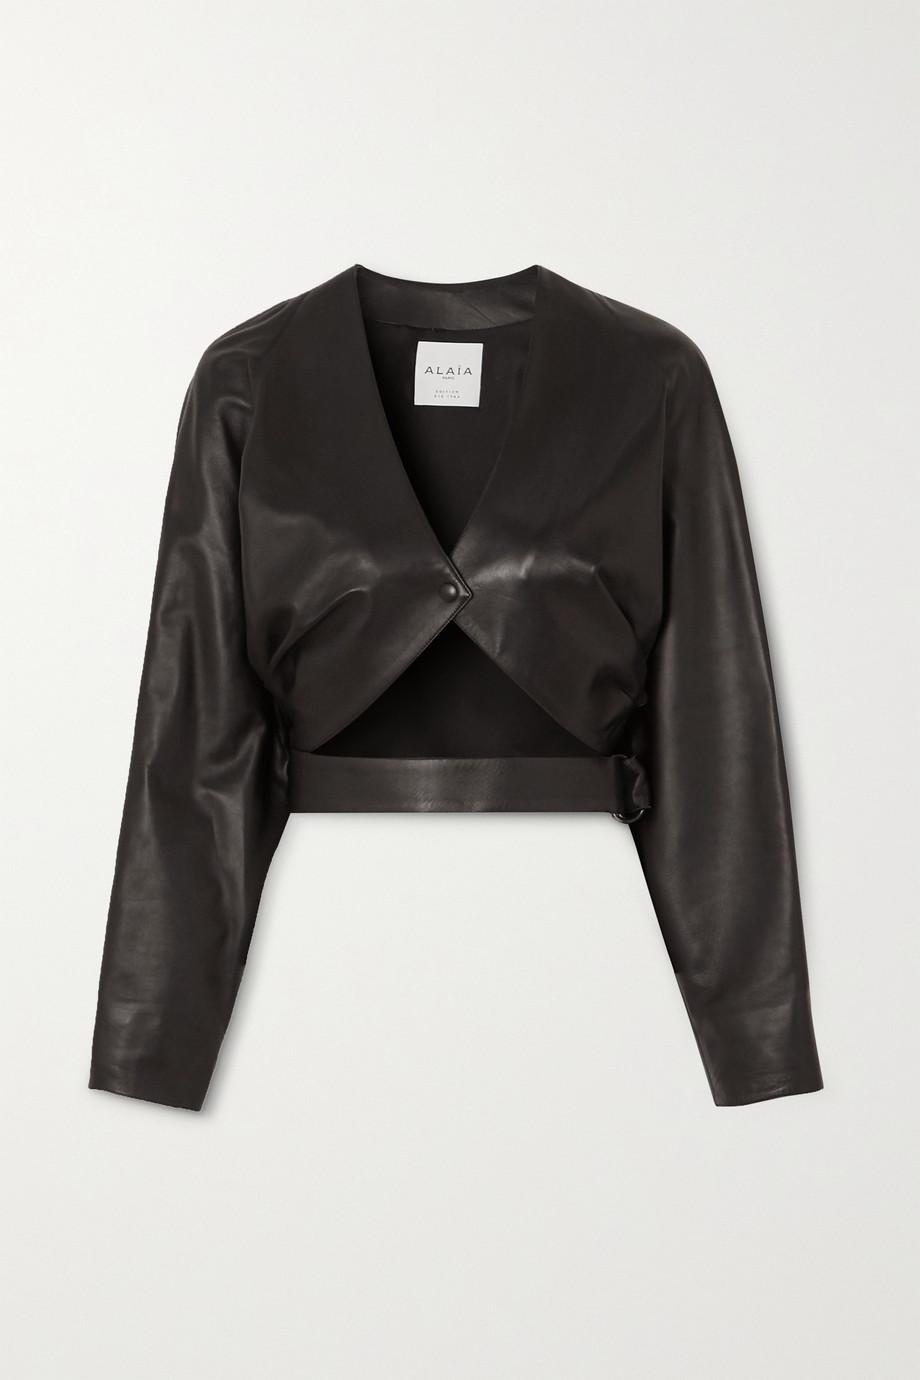 Alaïa Cropped cutout leather jacket